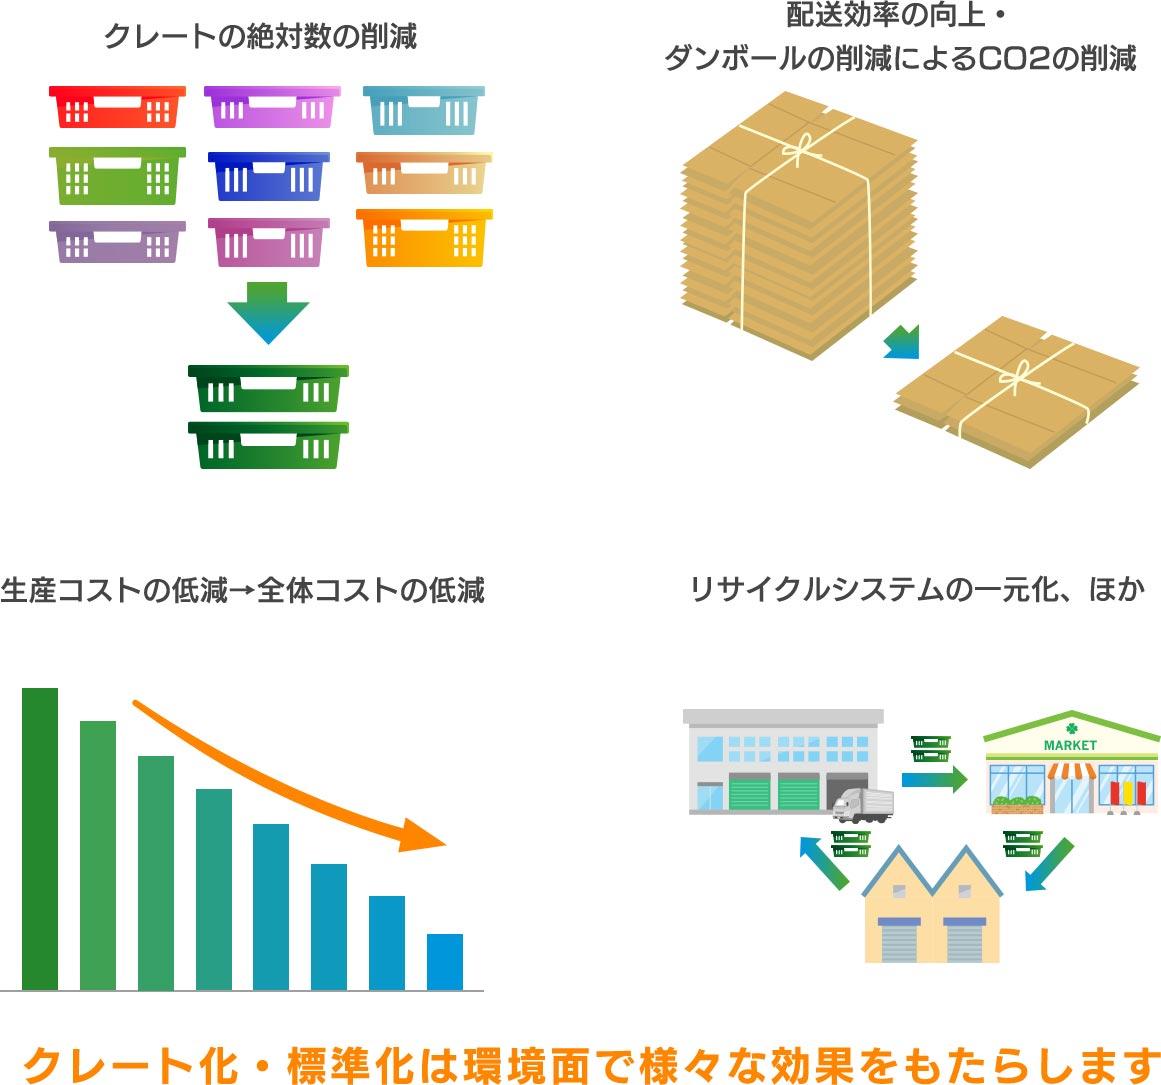 img_crate3_sp.jpg